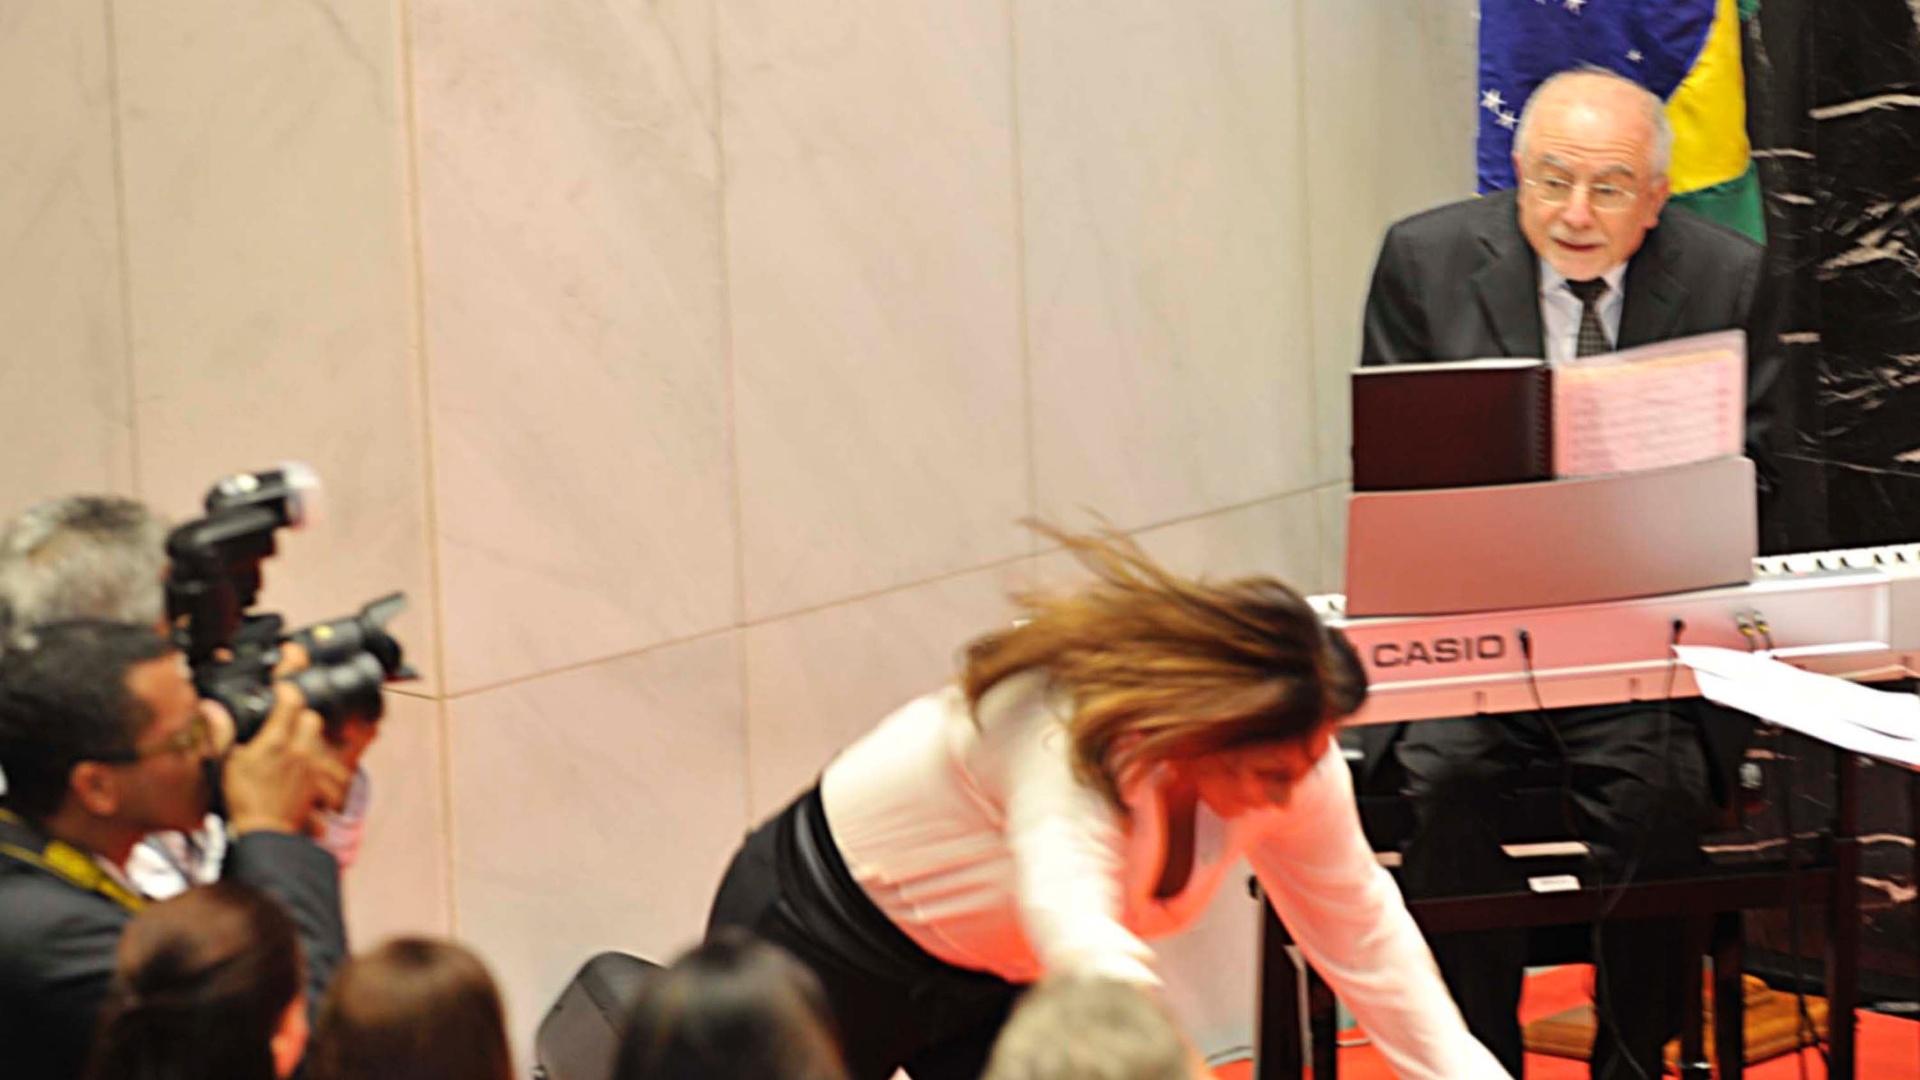 29.nov.2013 - Cantora Fafá de Belém cai durante inauguração no memorial que abriga história política de Minas Gerais na Assembleia Legislativa de Belo Horizonte, nesta sexta-feira (29). Parlamentares, ex-deputados estaduais e grandes nomes da história mineira, como o ex-presidente e ex-governador, Tancredo Neves, foram homenageados